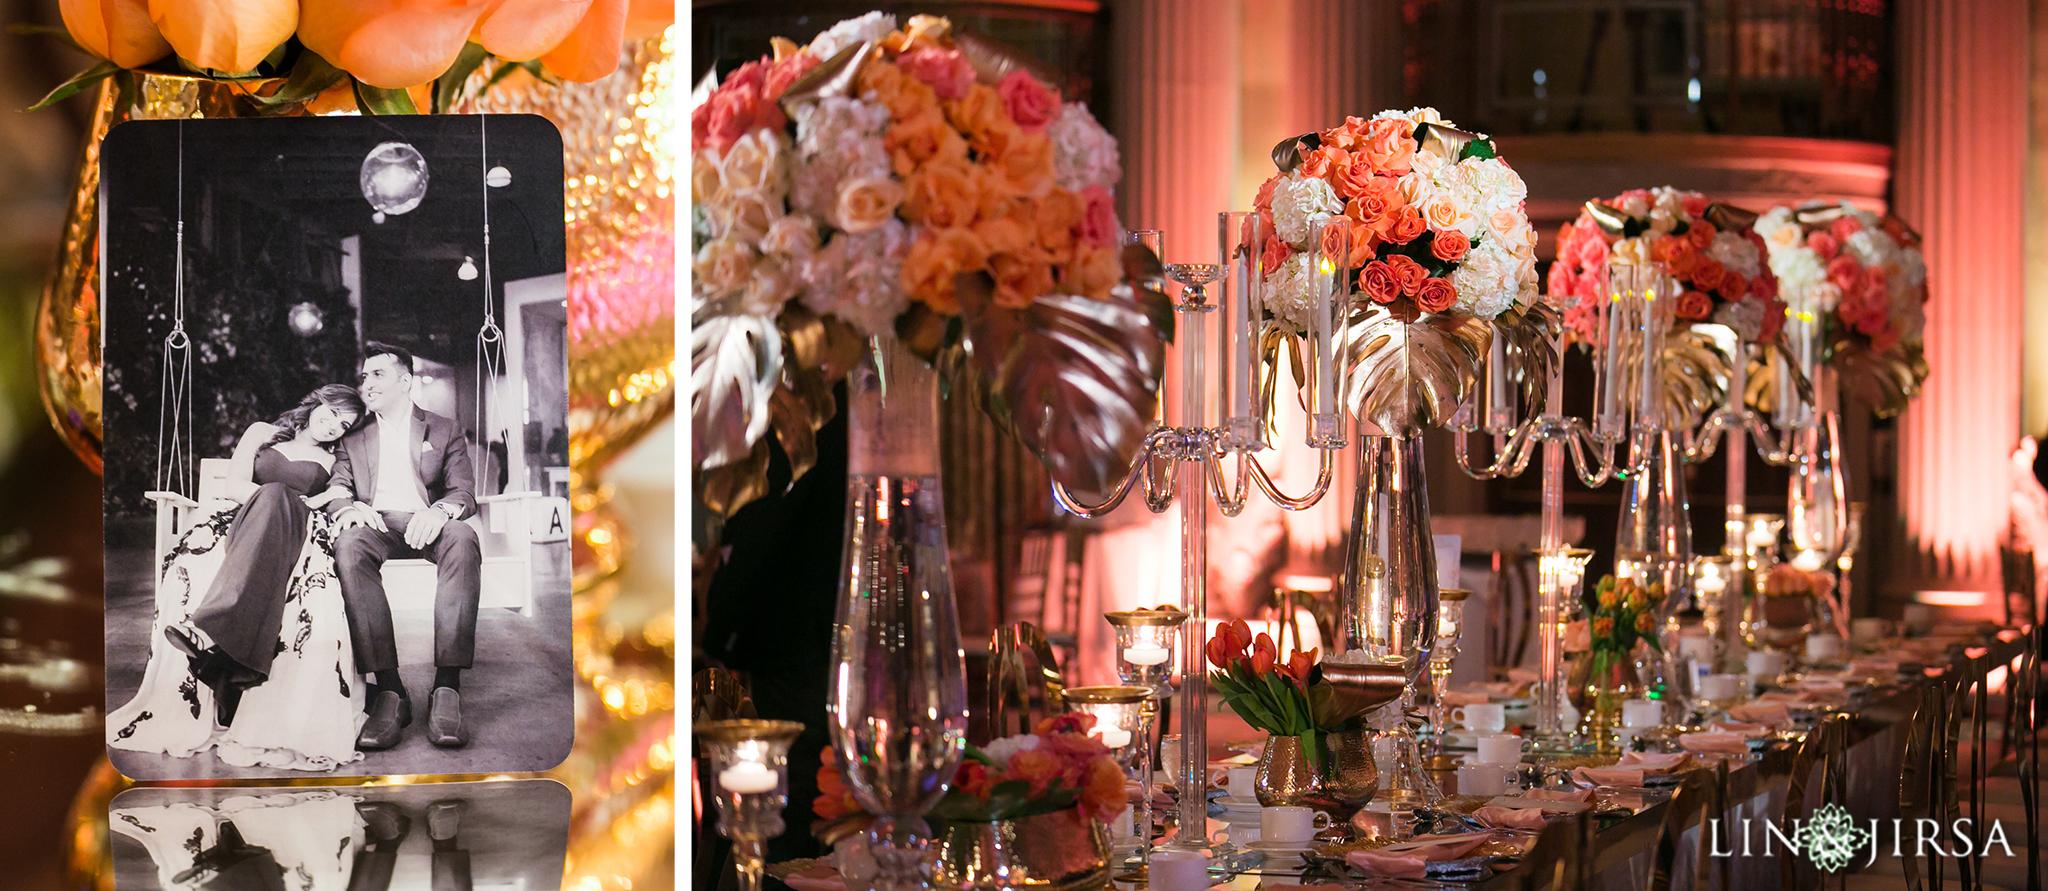 12-biltmore-hotel-los-angeles-wedding-reception-photography